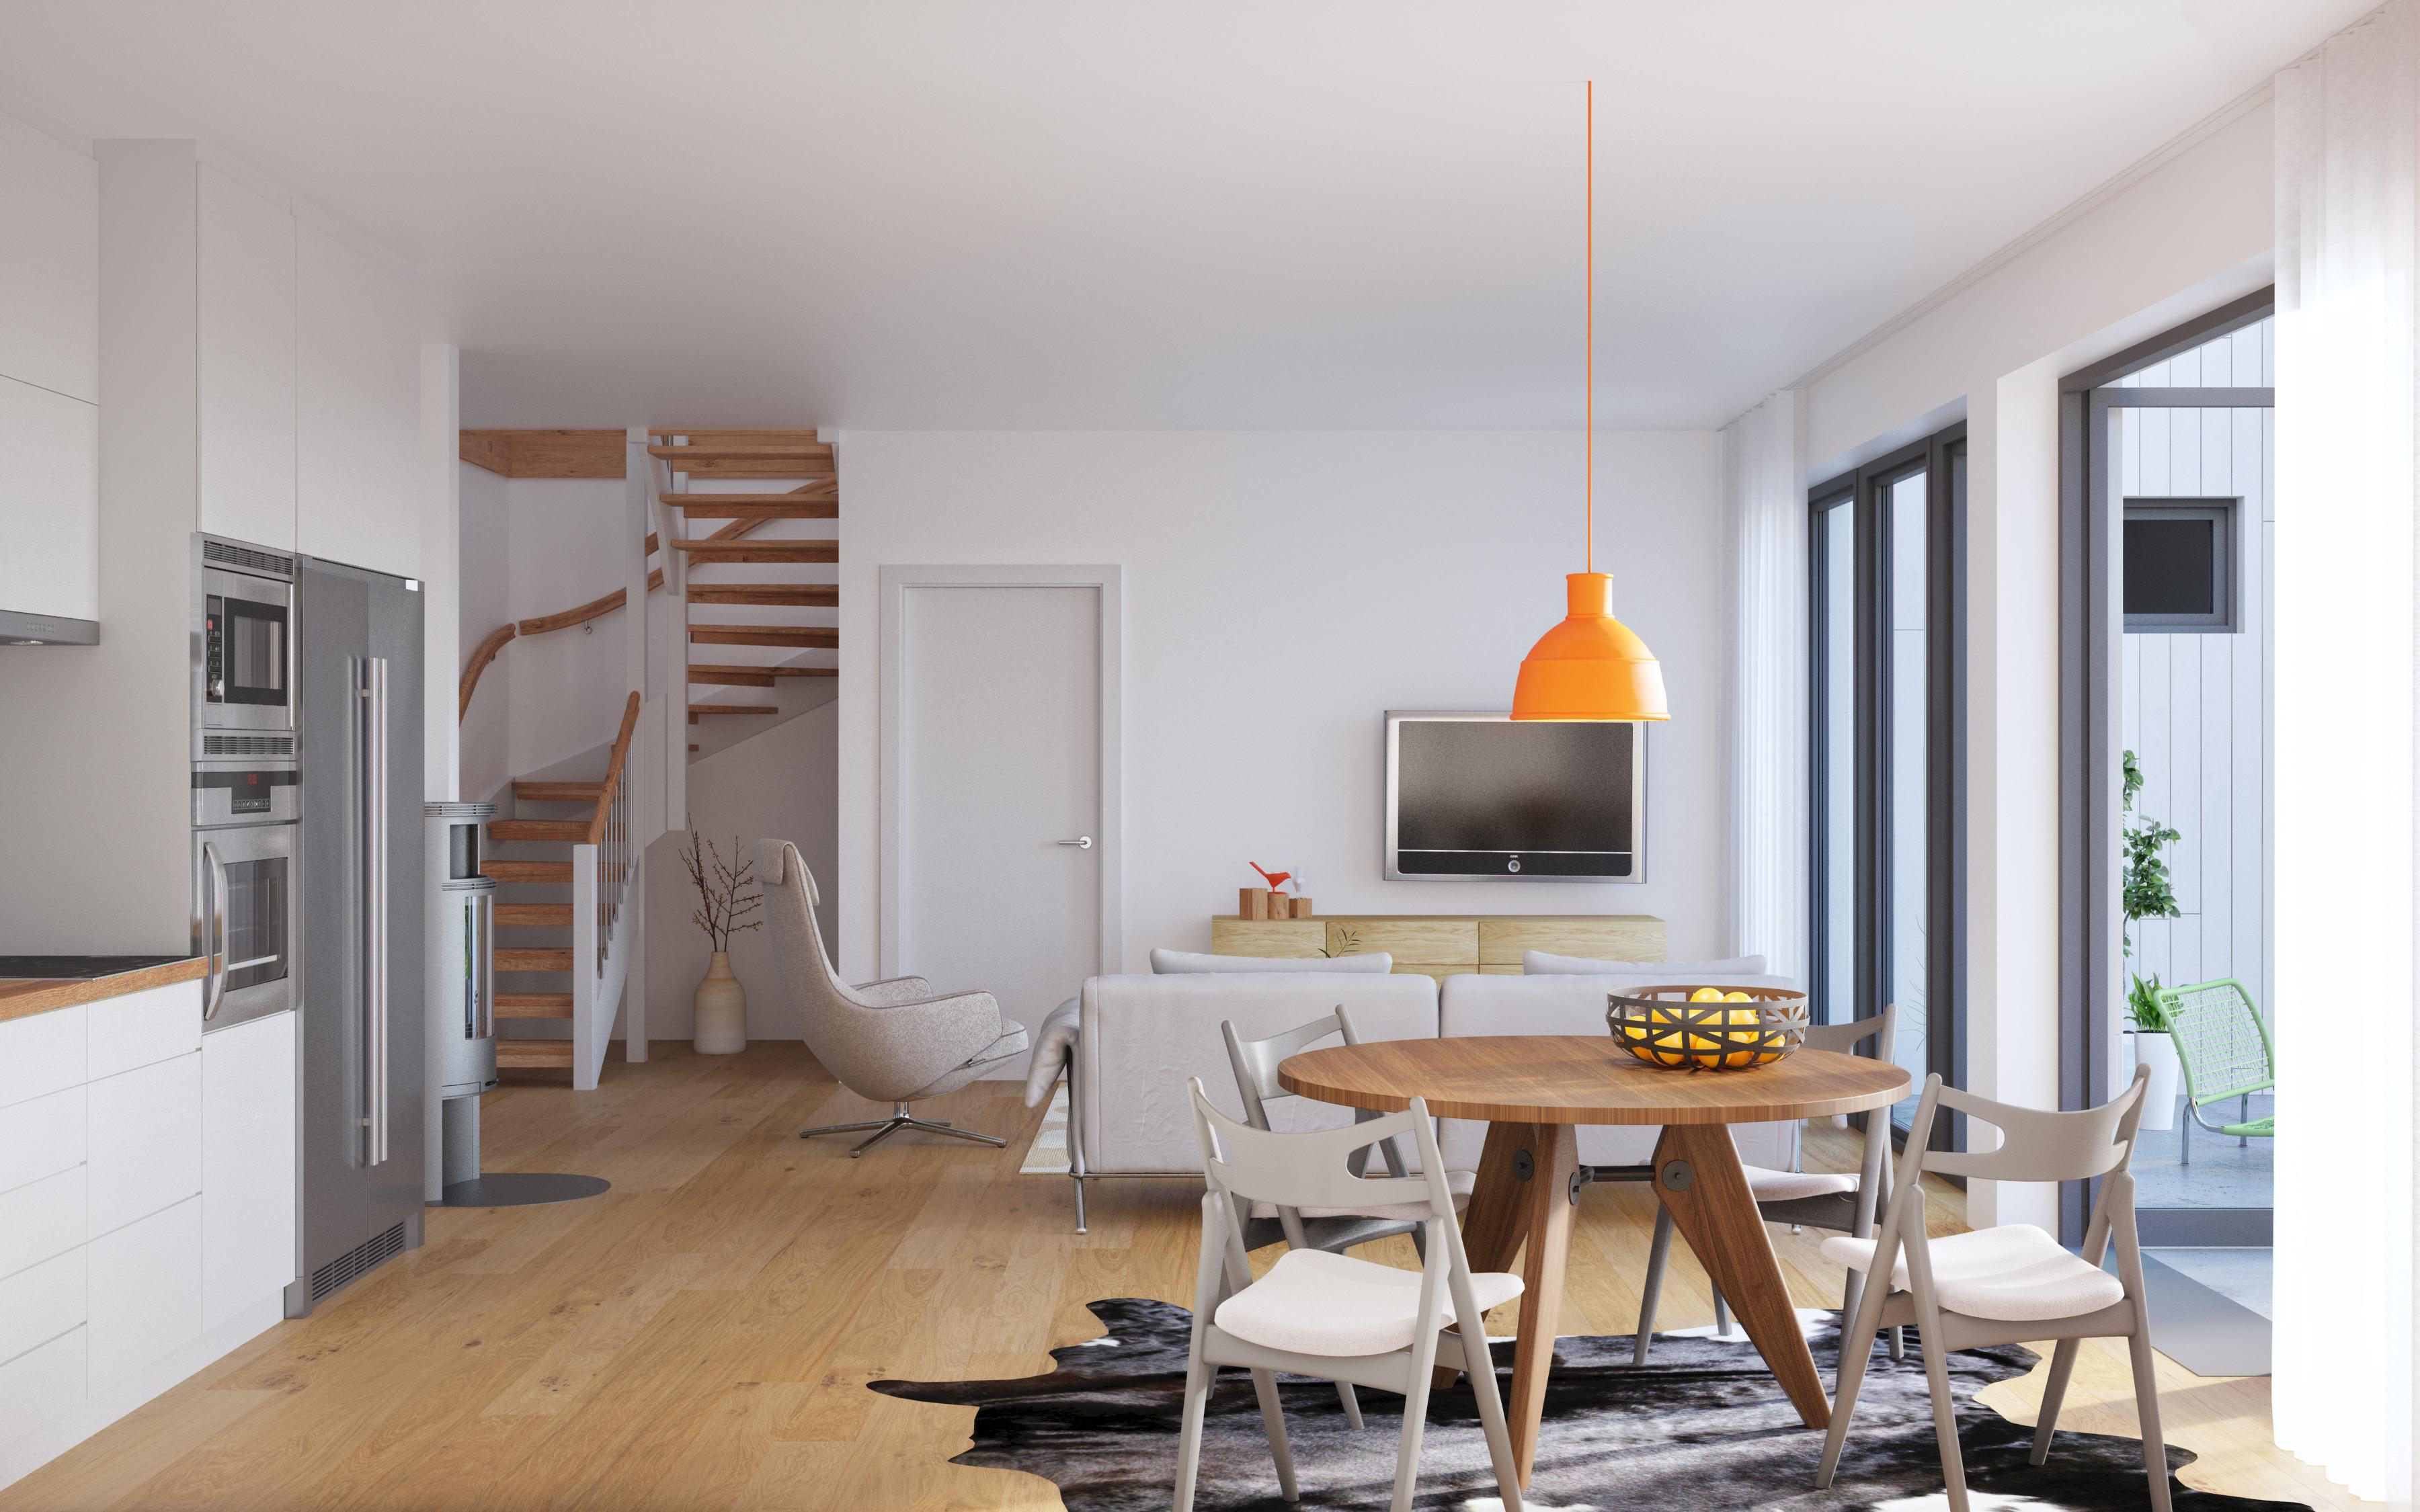 13117-interior-mot-vardagsrummet